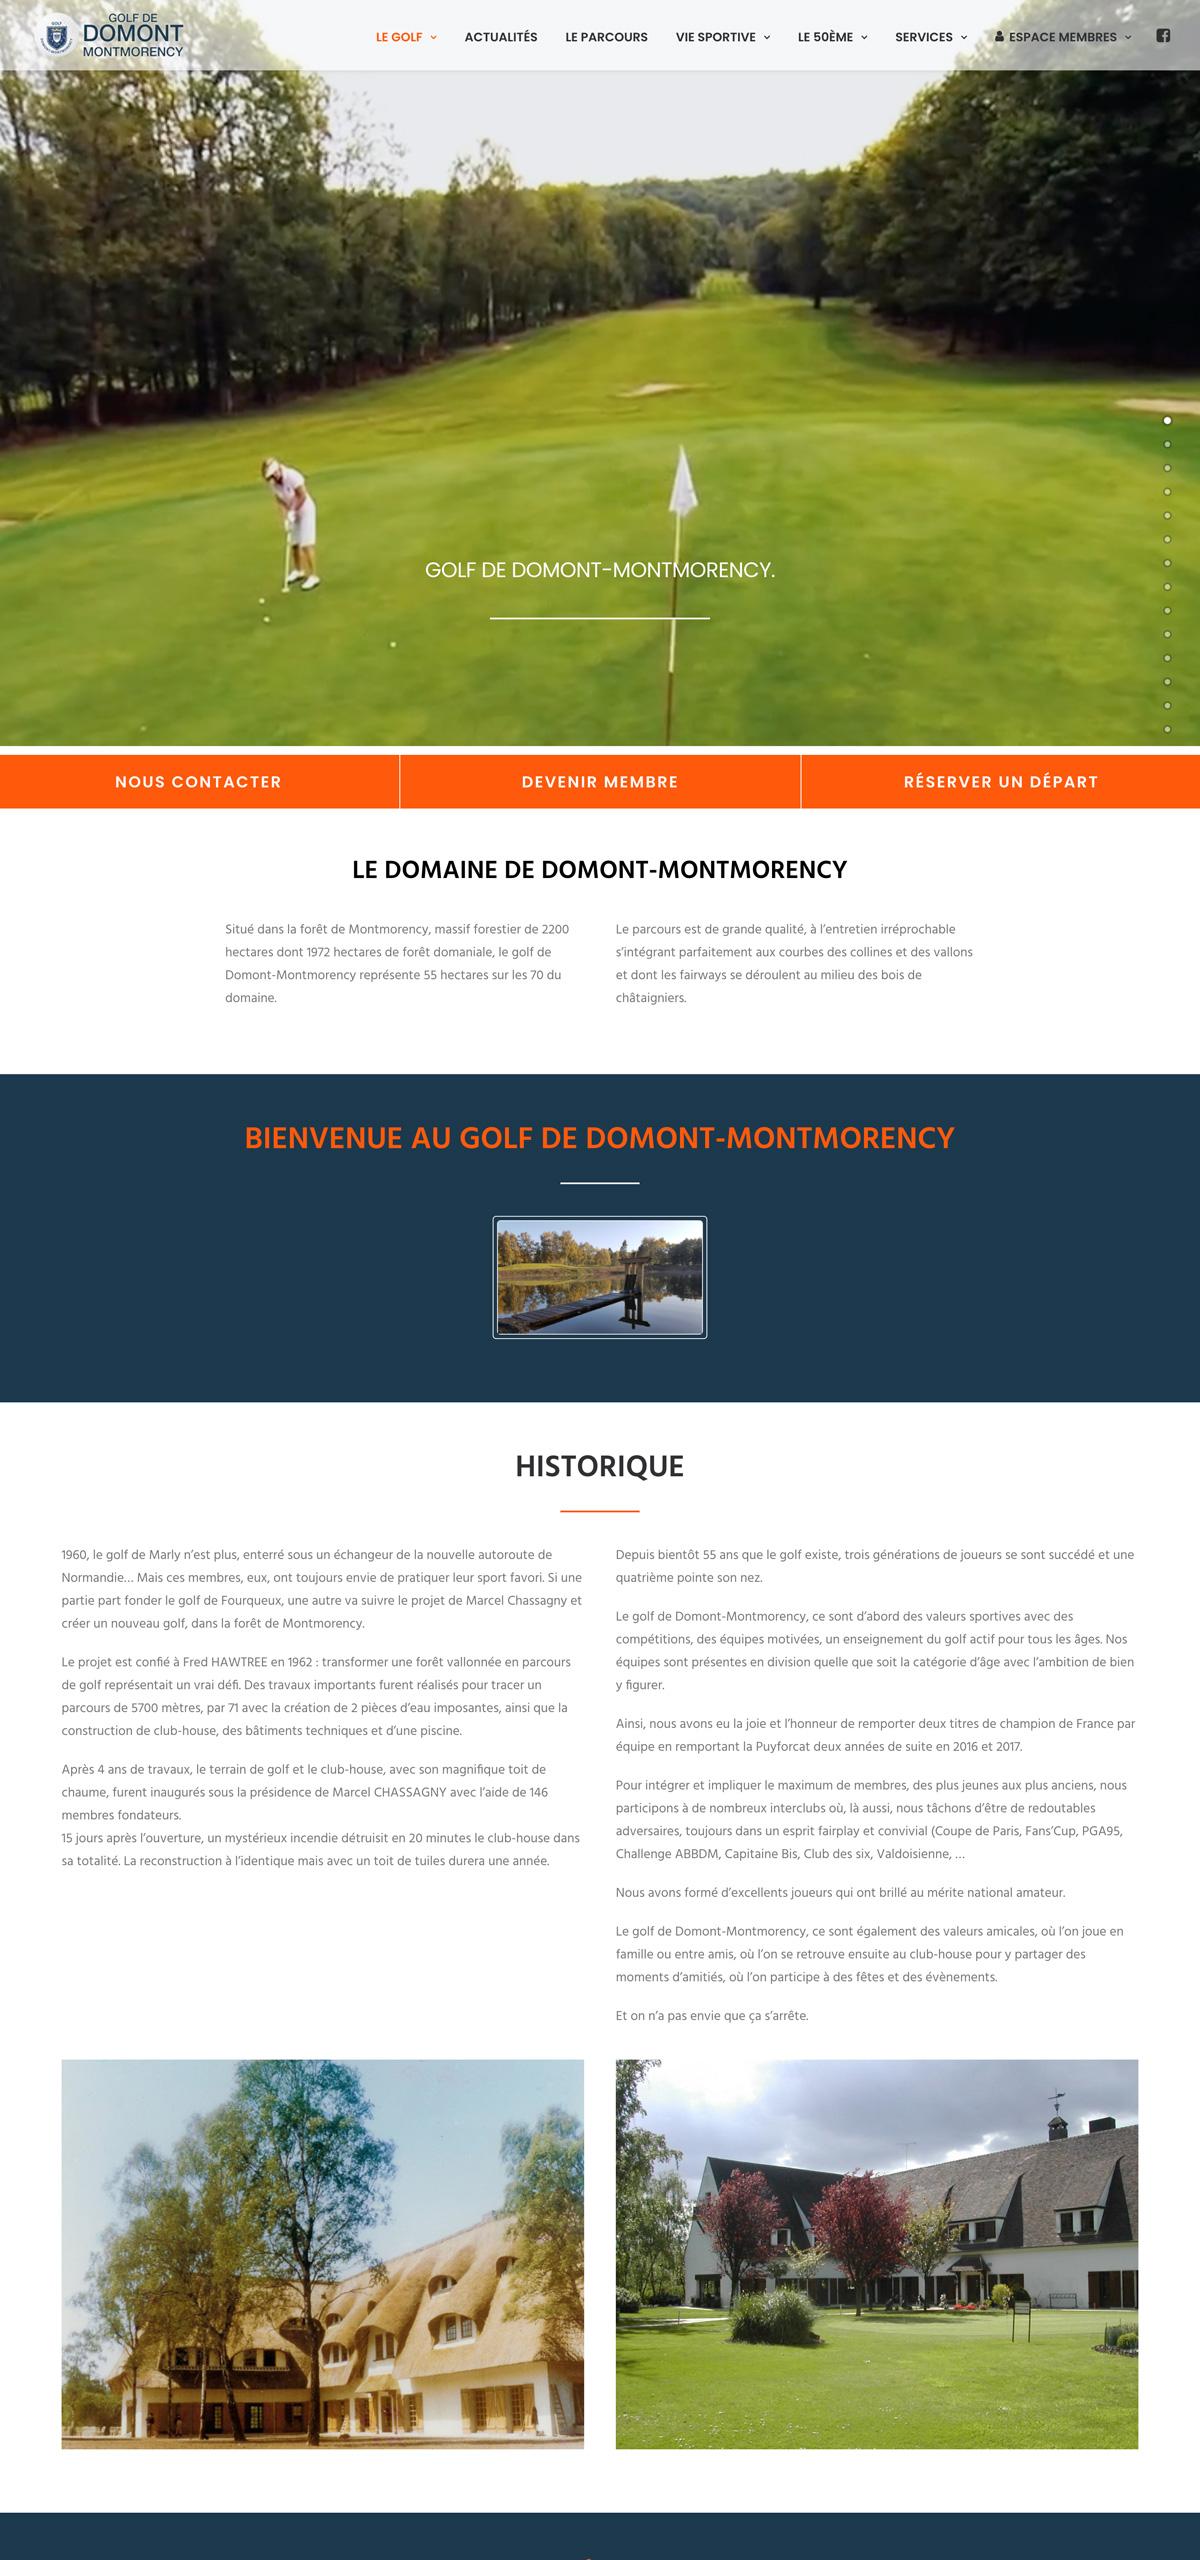 rdsc golf de domont website screenshot